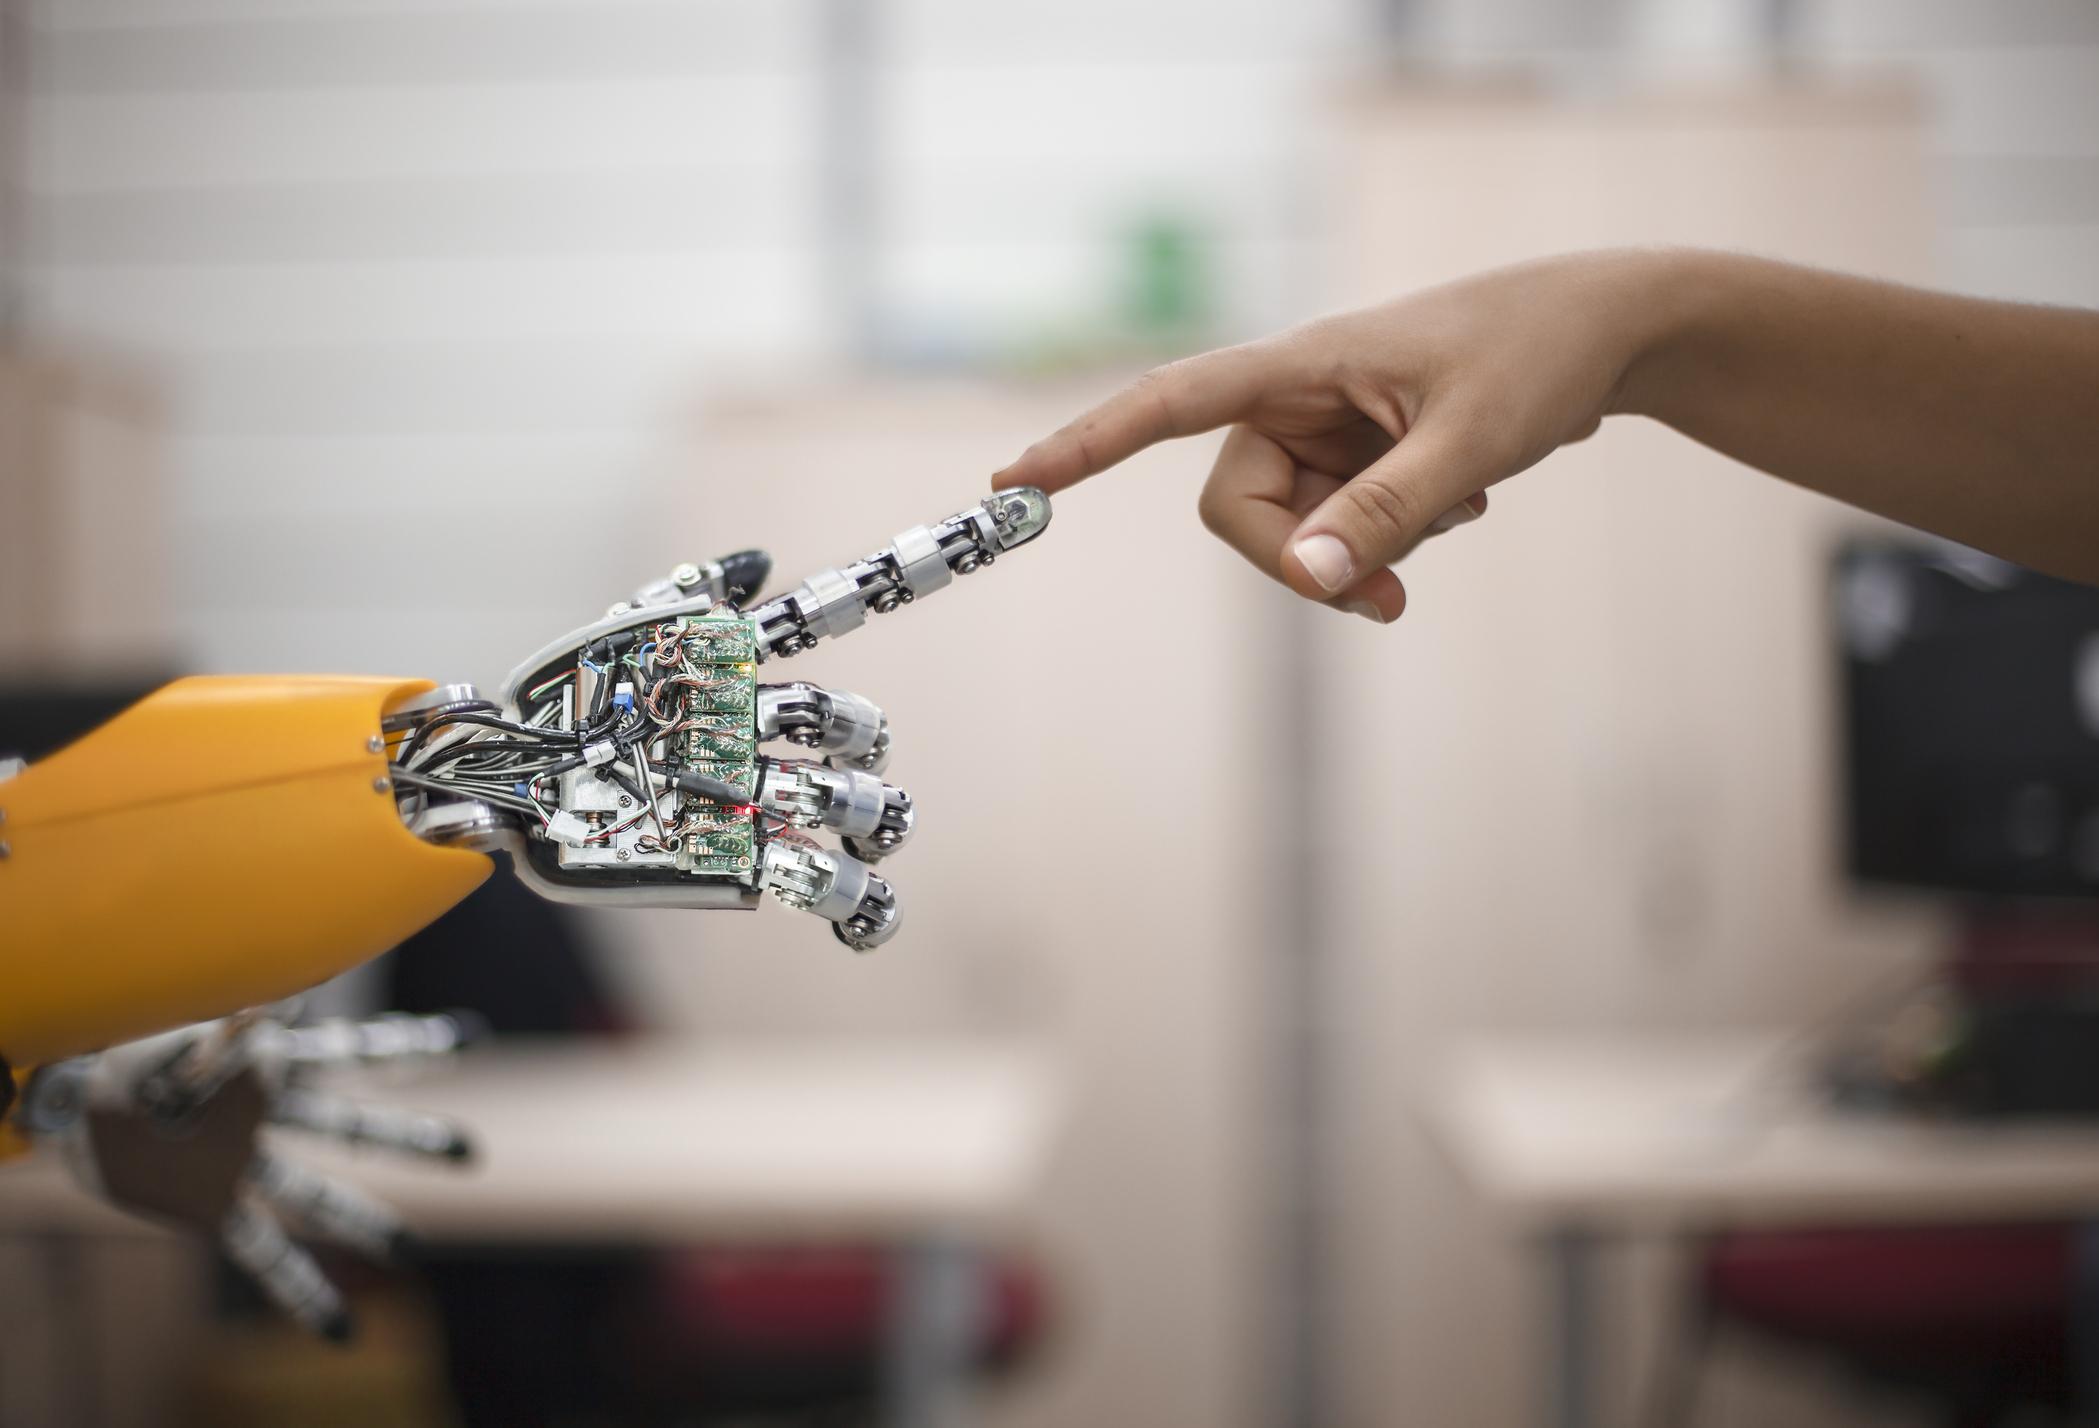 Roboty, szczególnie te humanoidalne, są wyzwaniem także dla naszej tożsamości (fot. muratsenel / iStockphoto.com)